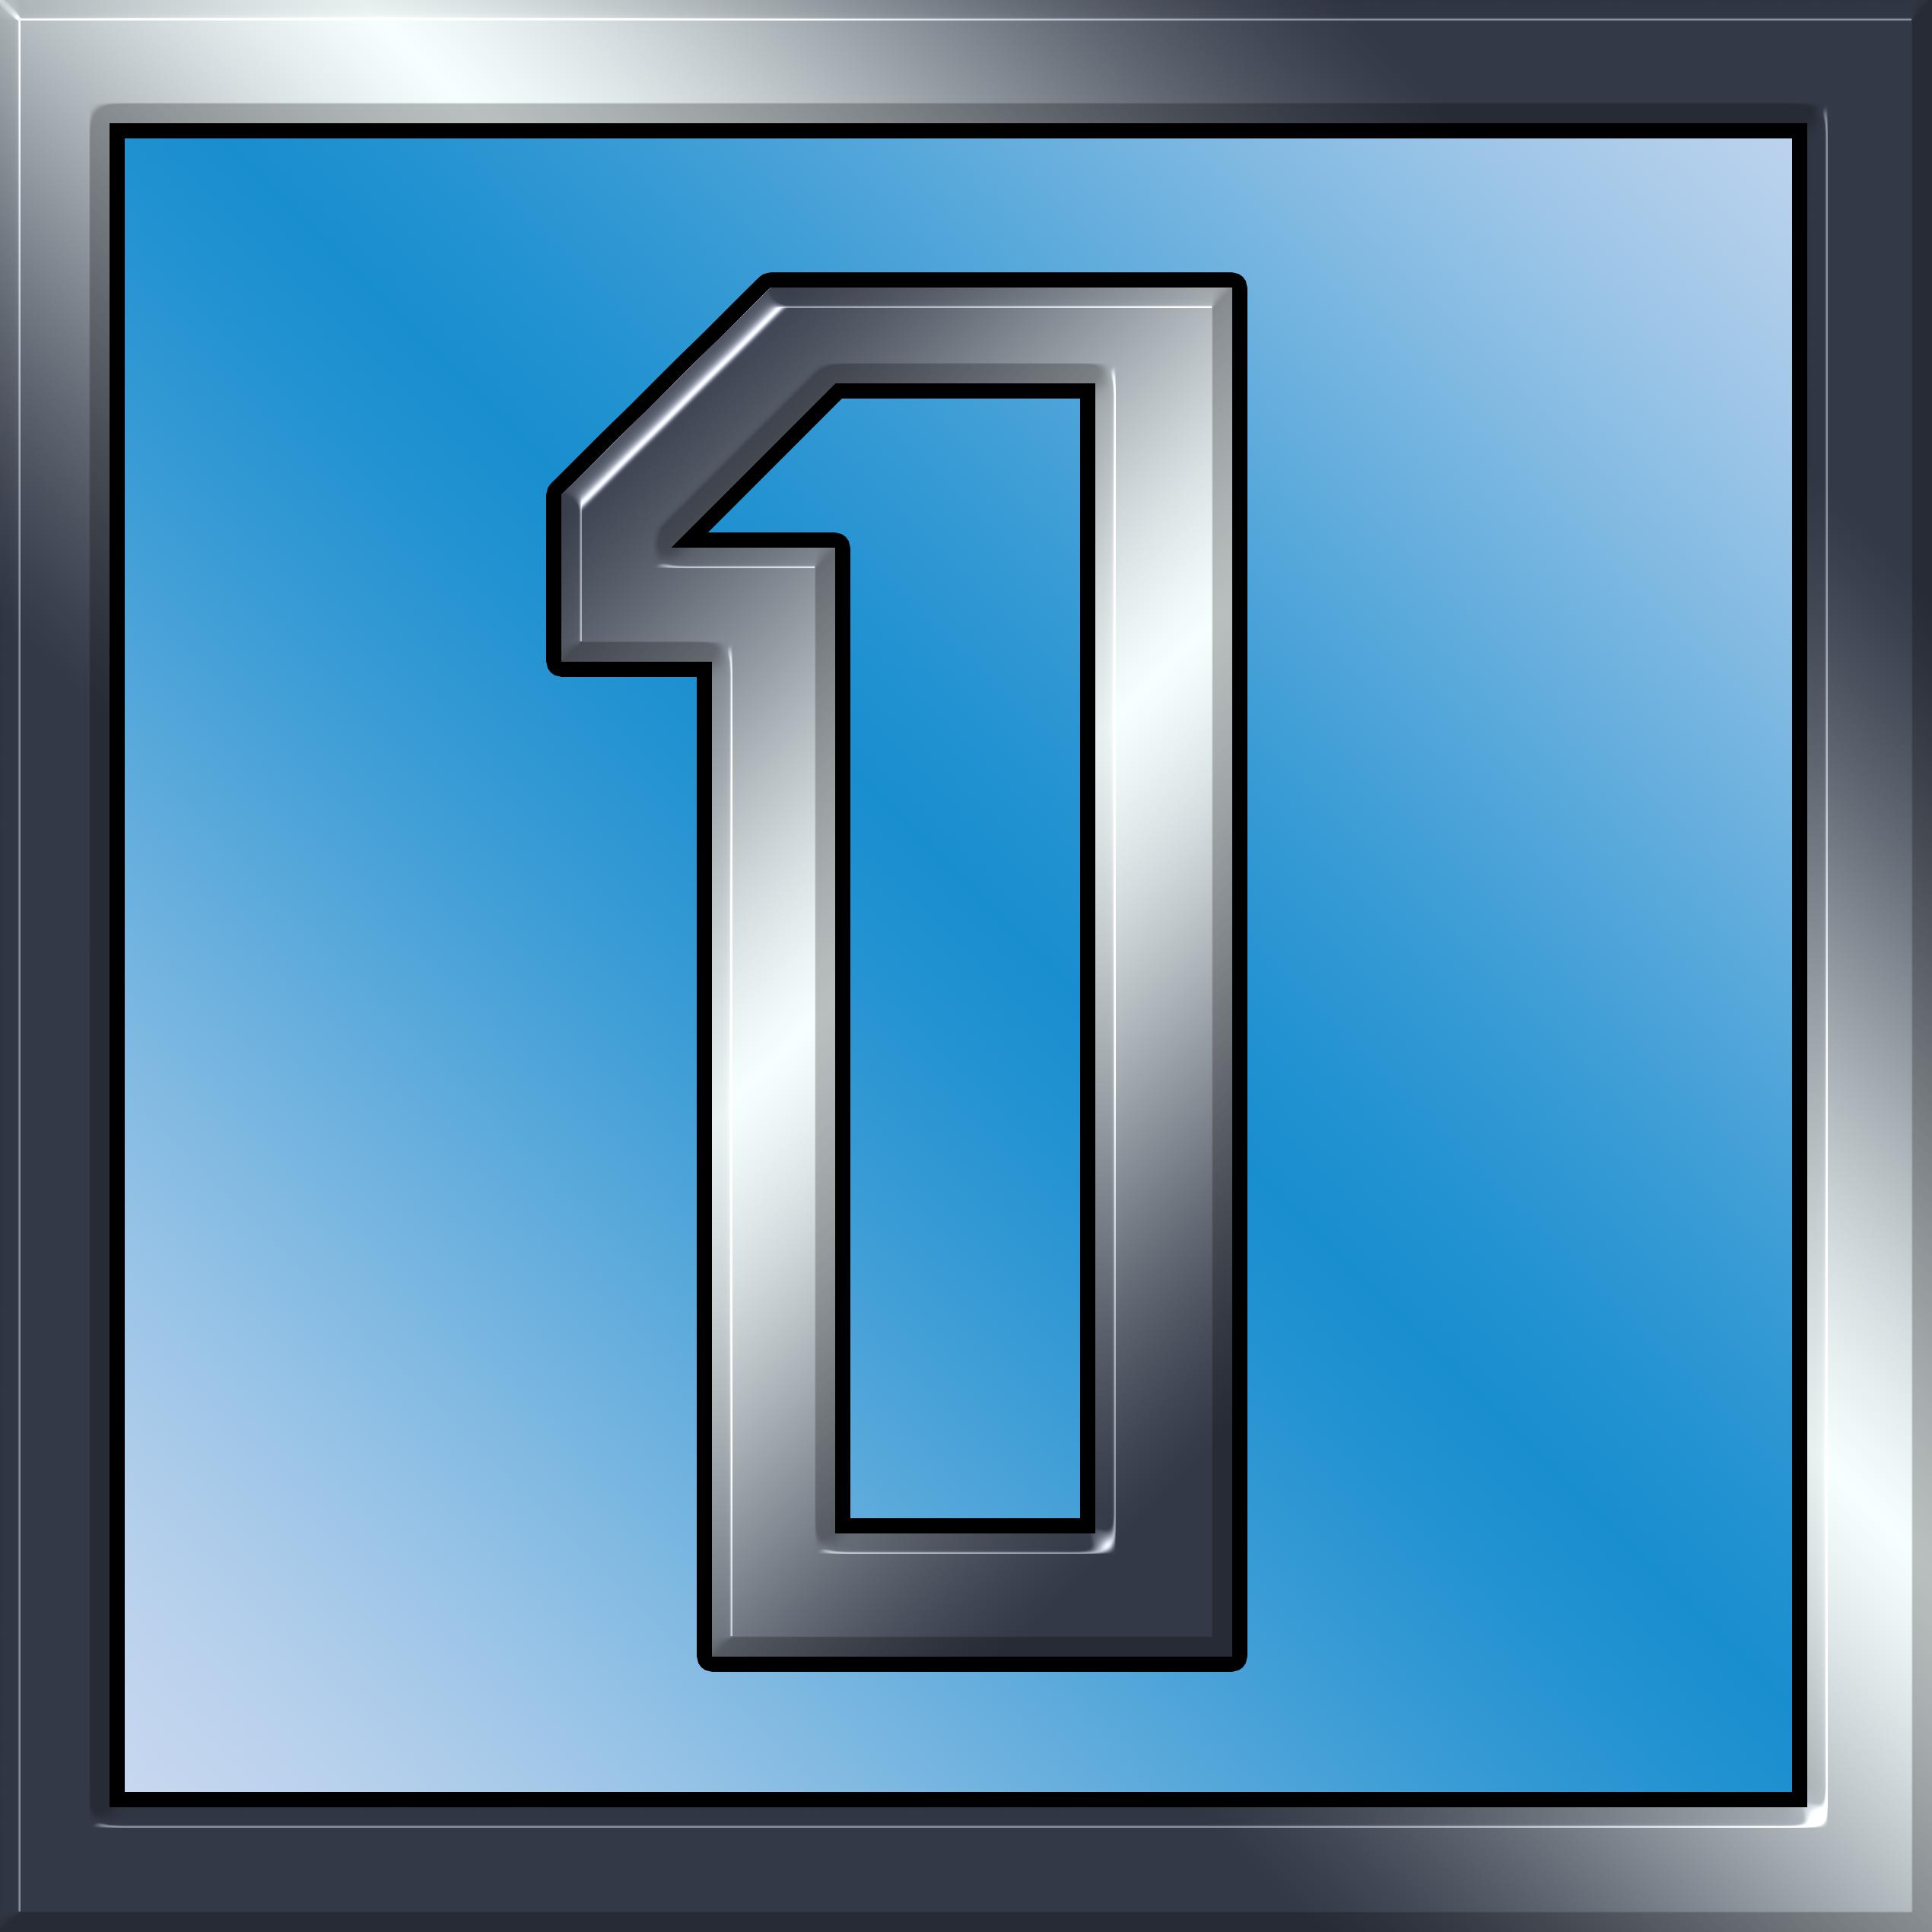 Archivo:TVE1 logo old.png